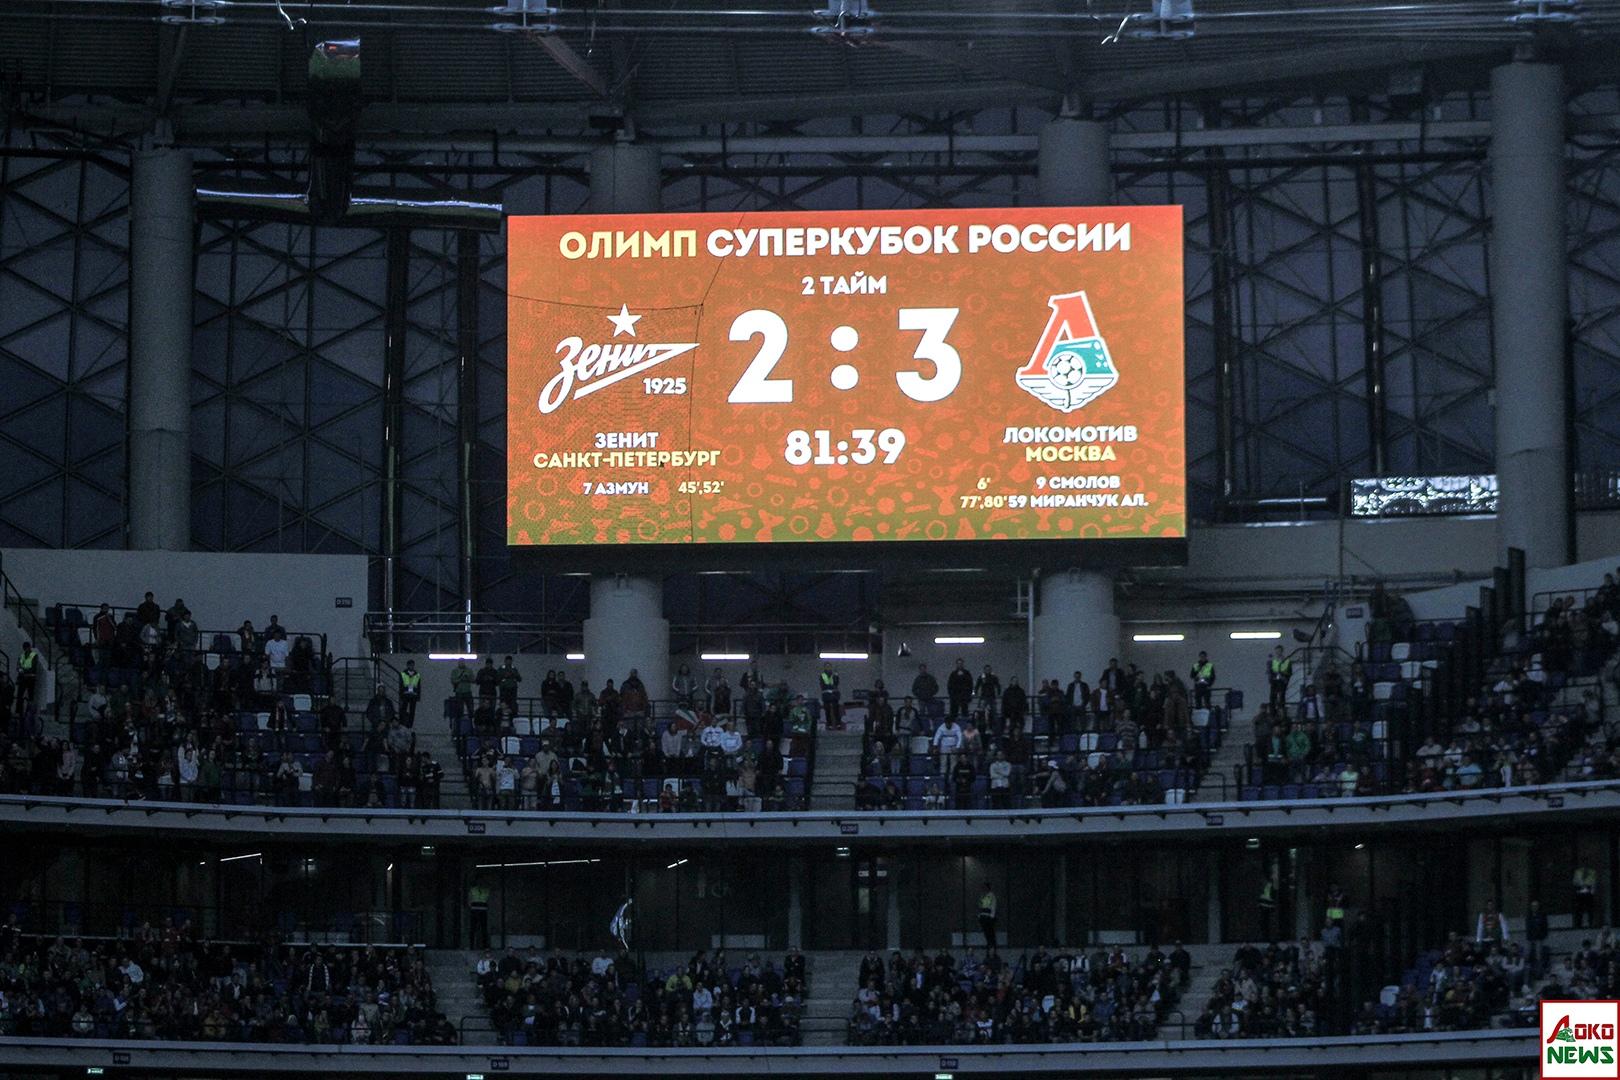 Суперкубок 2019 Зенит - Локомотив. Фото: Дмитрий Бурдонов / Loko.News